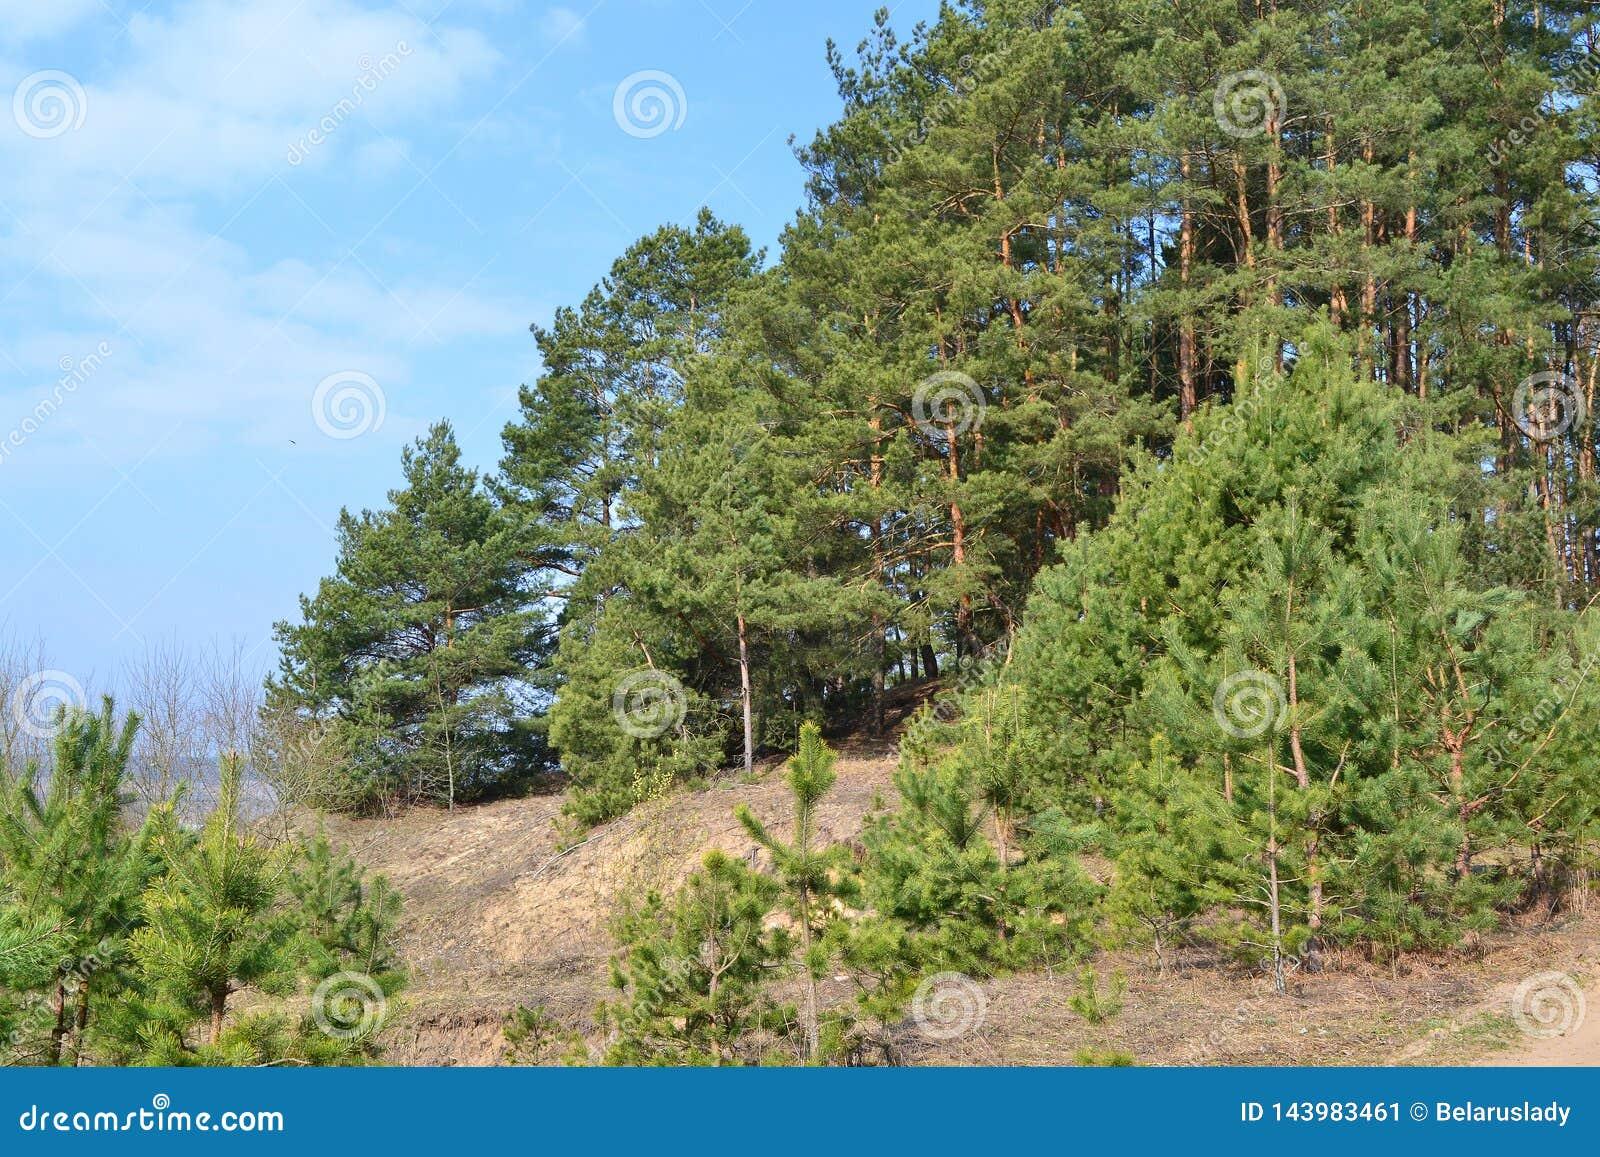 Pine forest spring view, landscape of Belarus